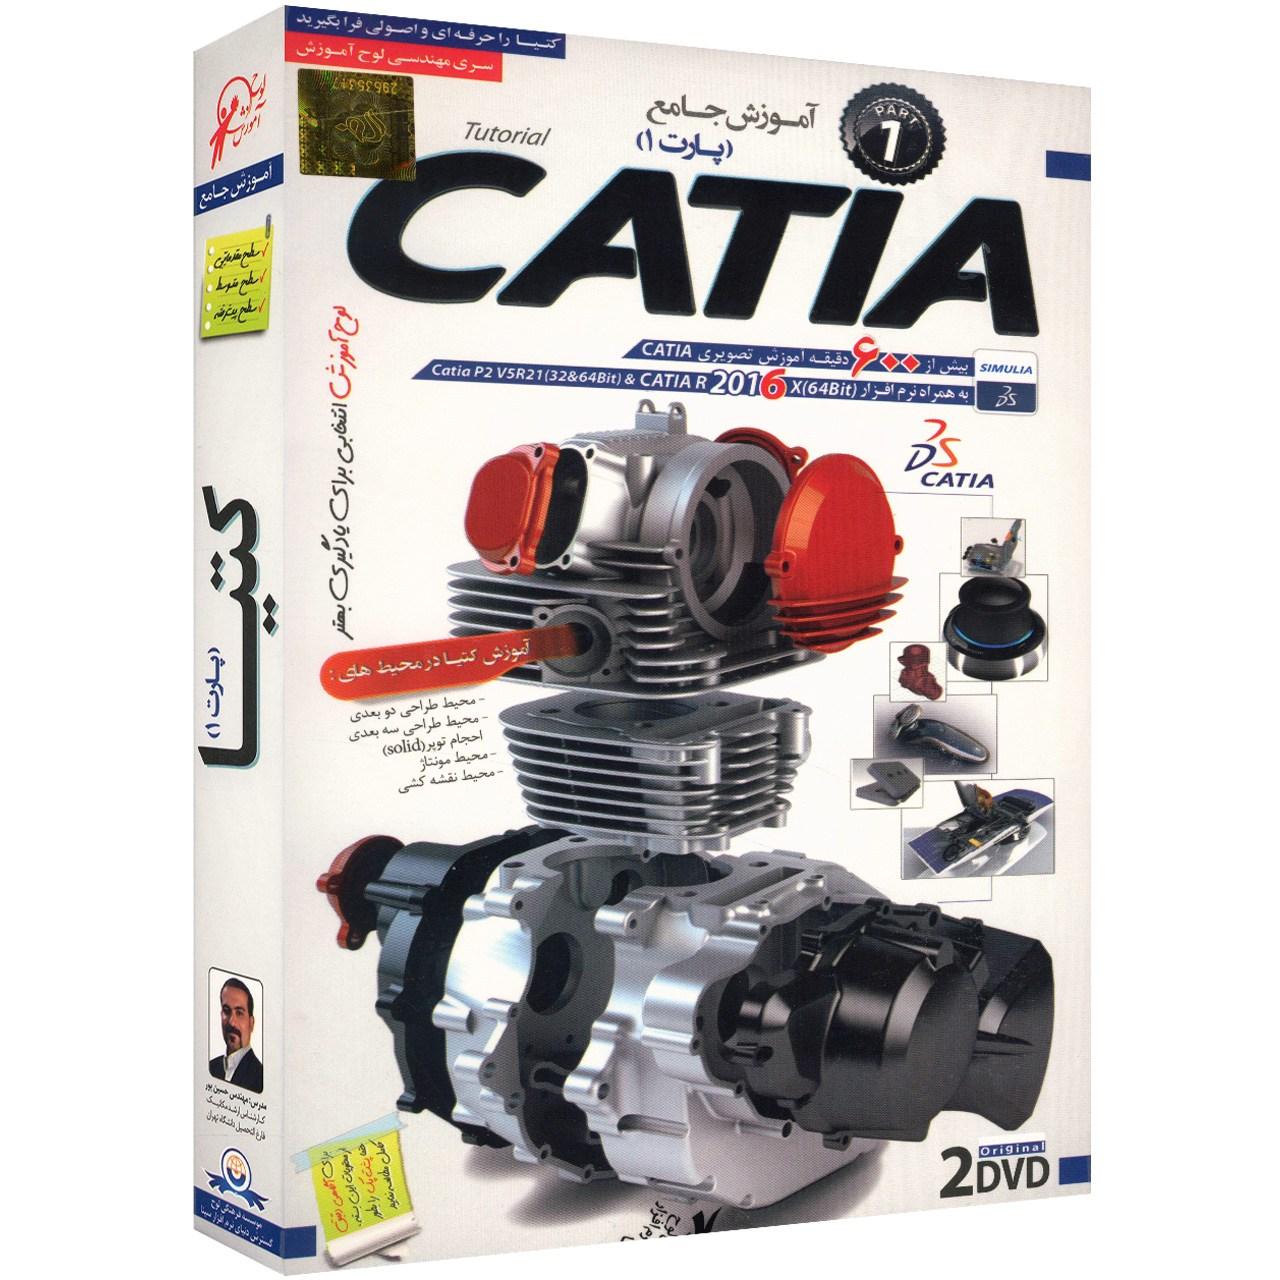 نرم افزار آموزش جامع Catia بخش اول نشر دنیای نرم افزار سینا